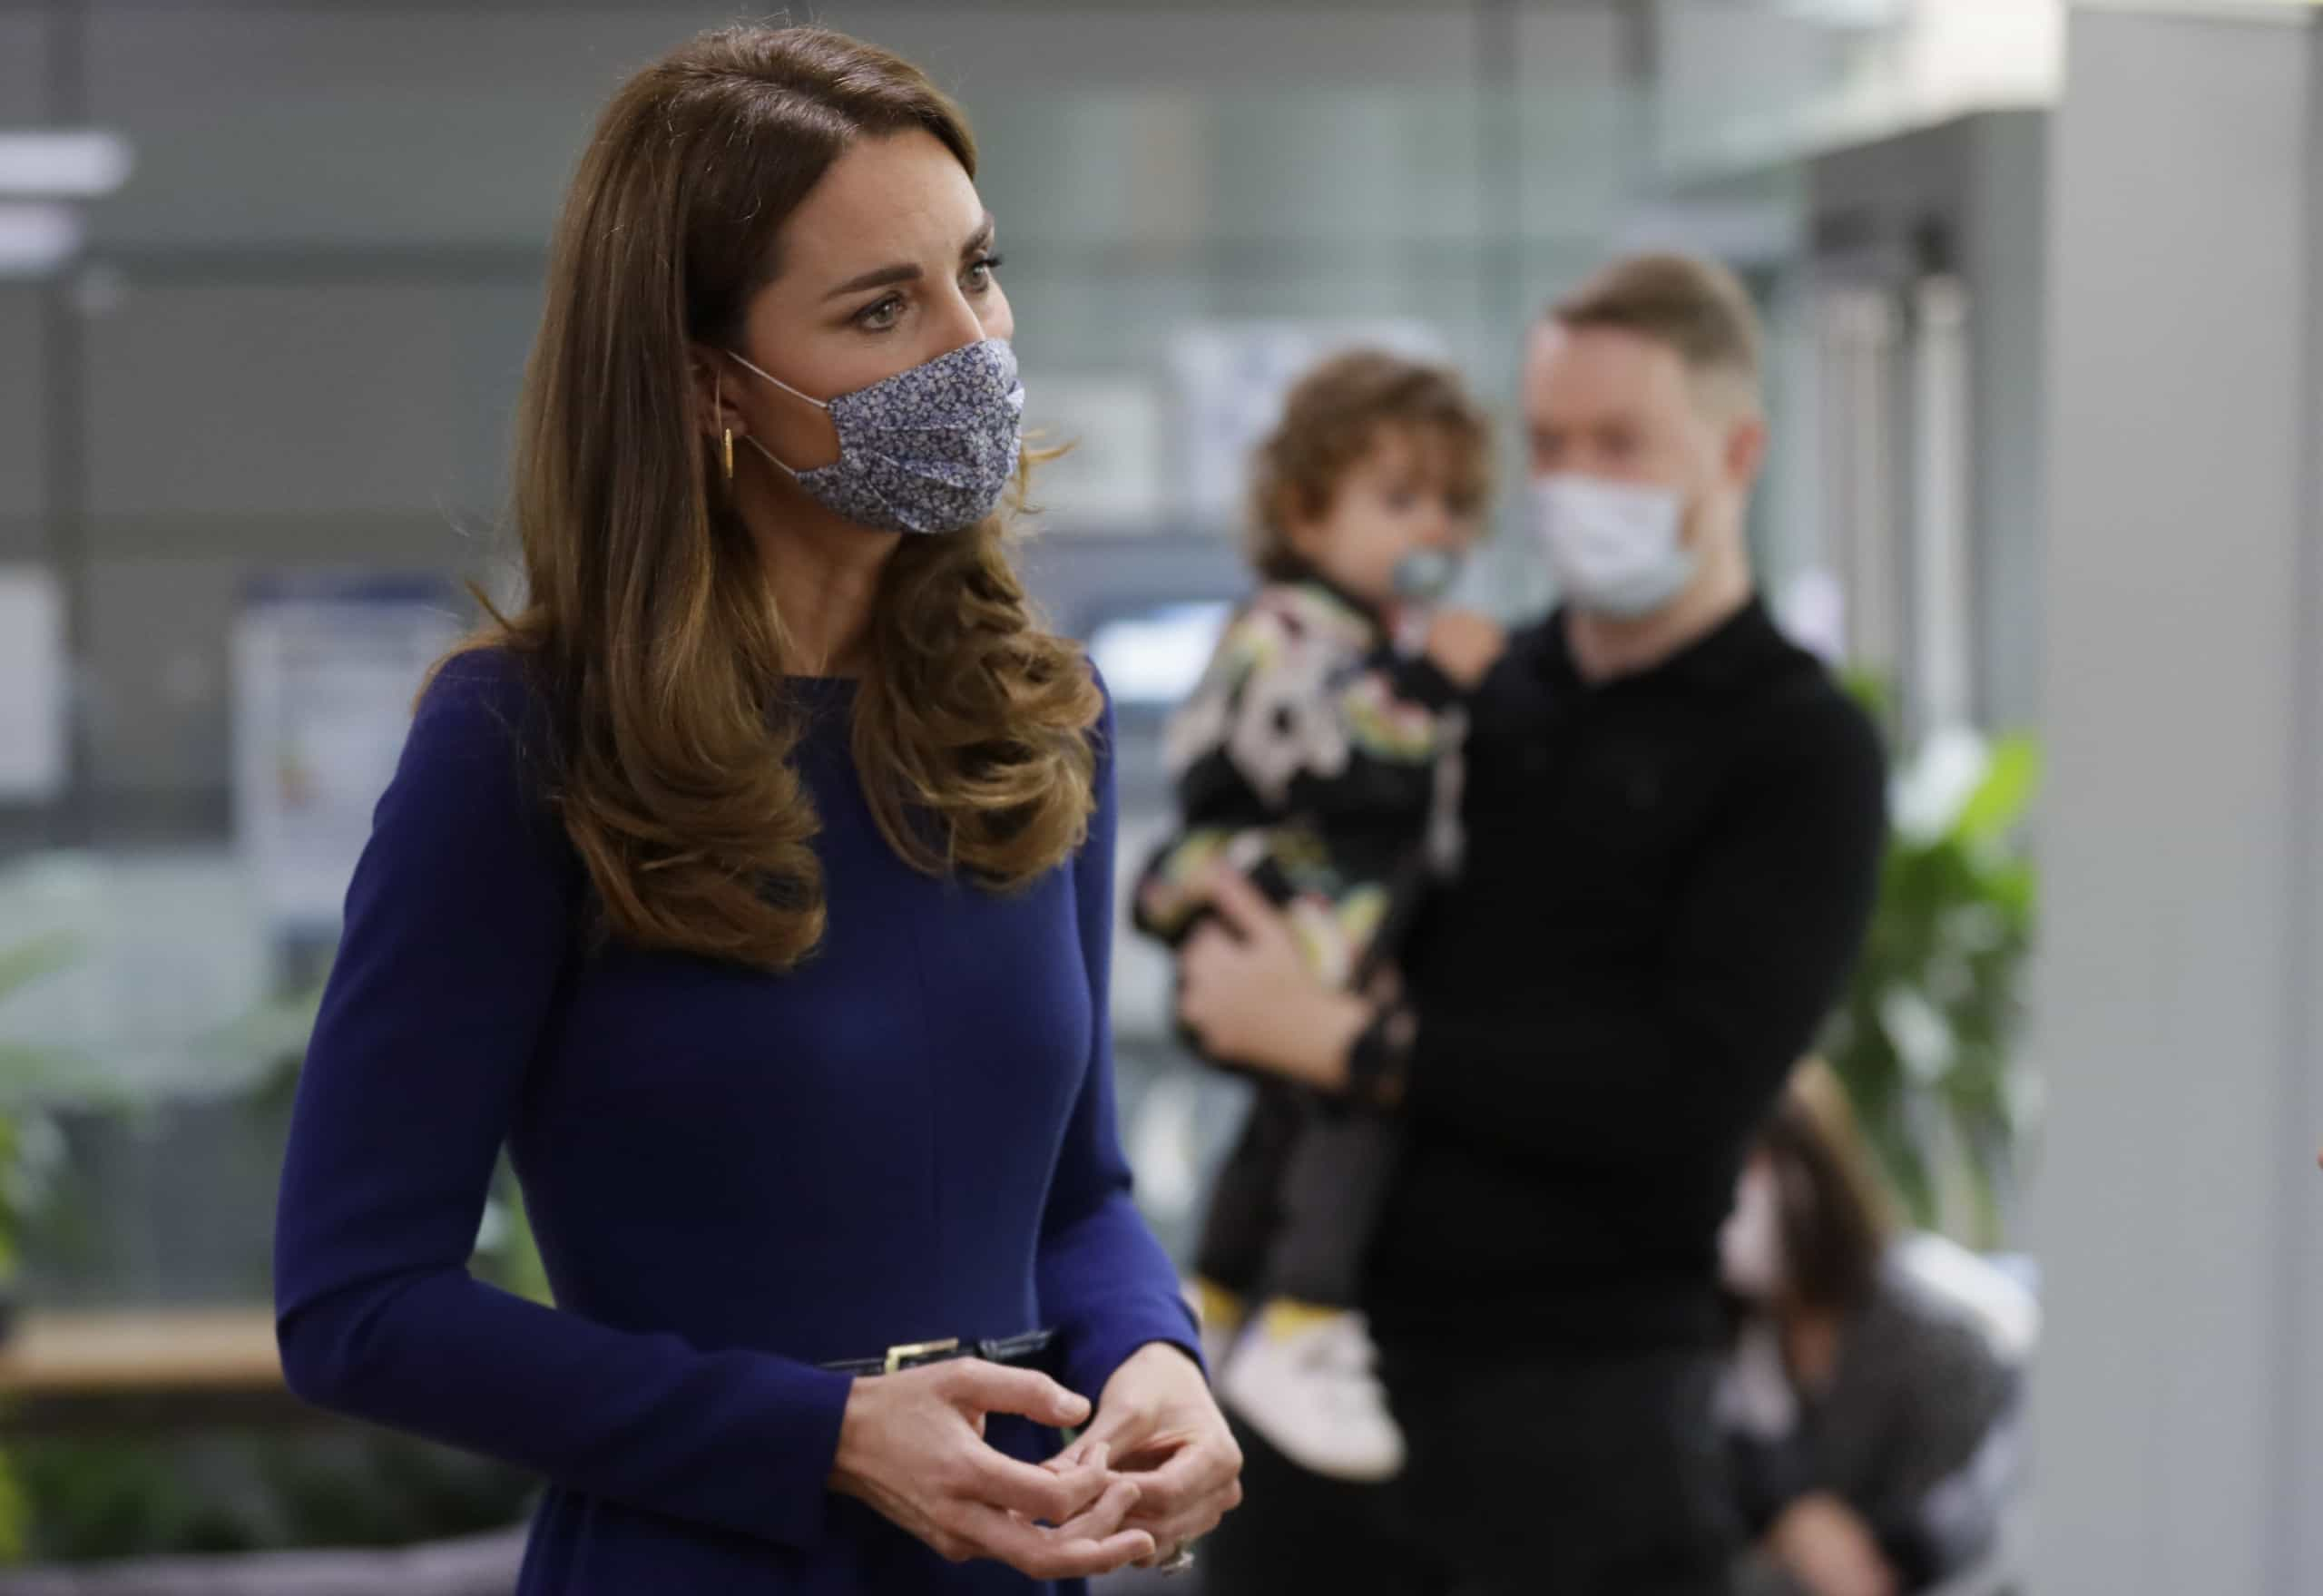 Kate Middleton encanta durante visita a associação de apoio infantil - Atualidade - SAPO Lifestyle